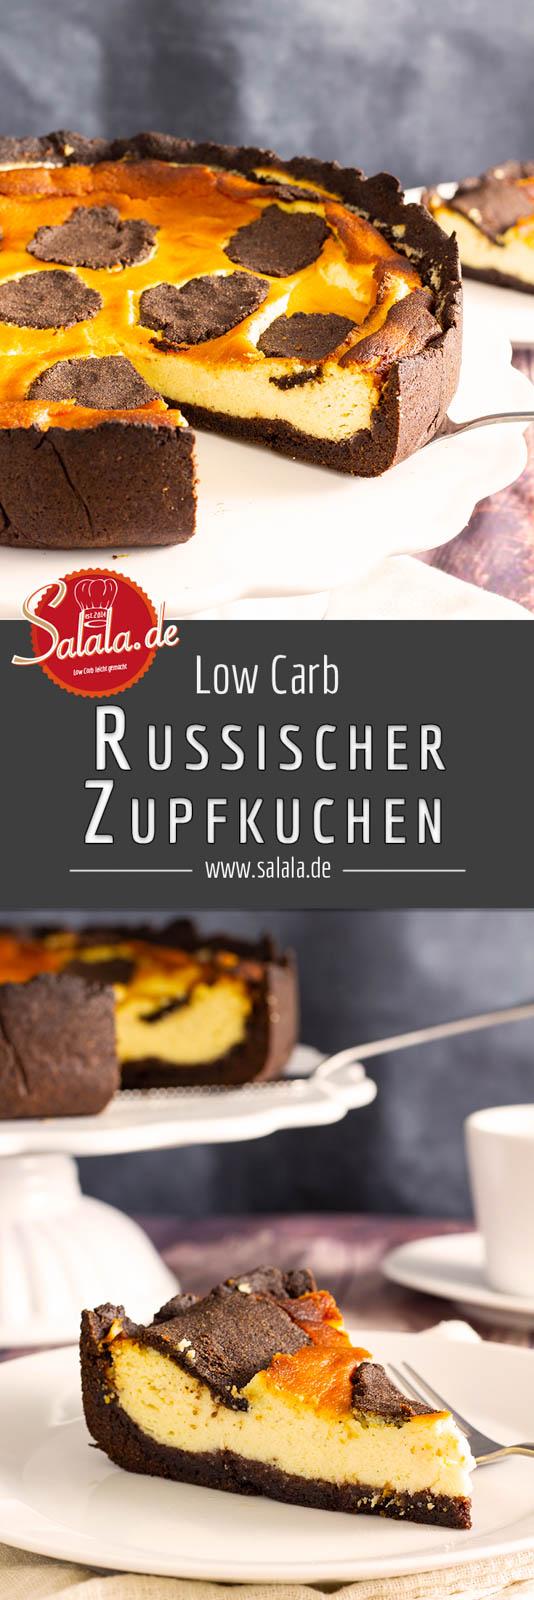 #Zupfkuchen #LowCarbZupfkuchen #russischerzupfkuchen #lowcarbbacken #lowcarb #ohnezucker